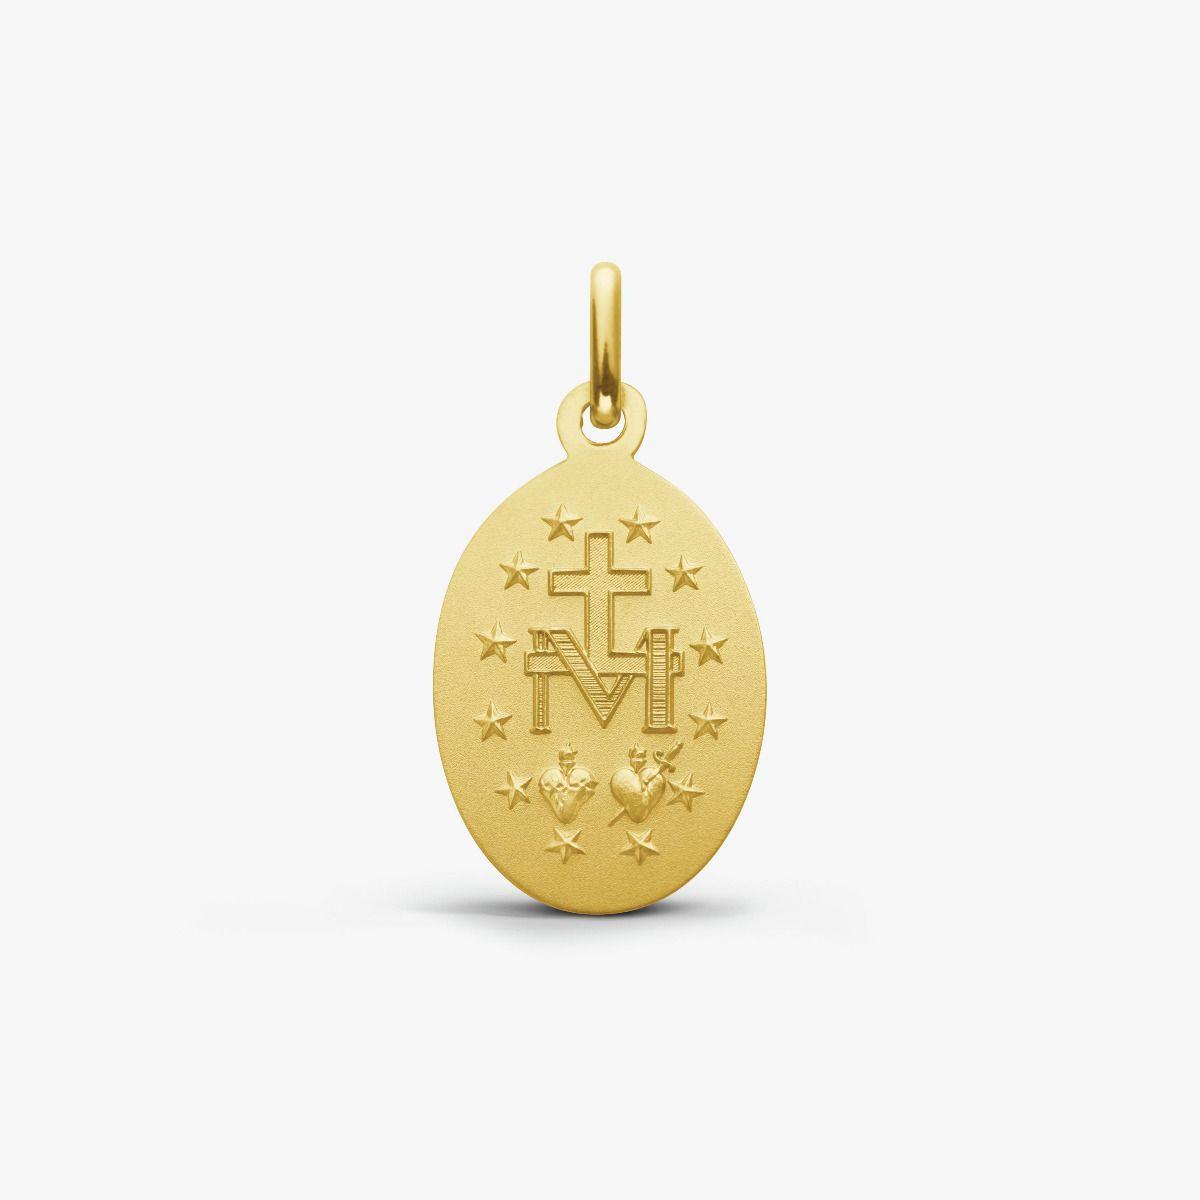 Médaille Miraculeuse en Or Jaune 9 carats - 17 mm - revers